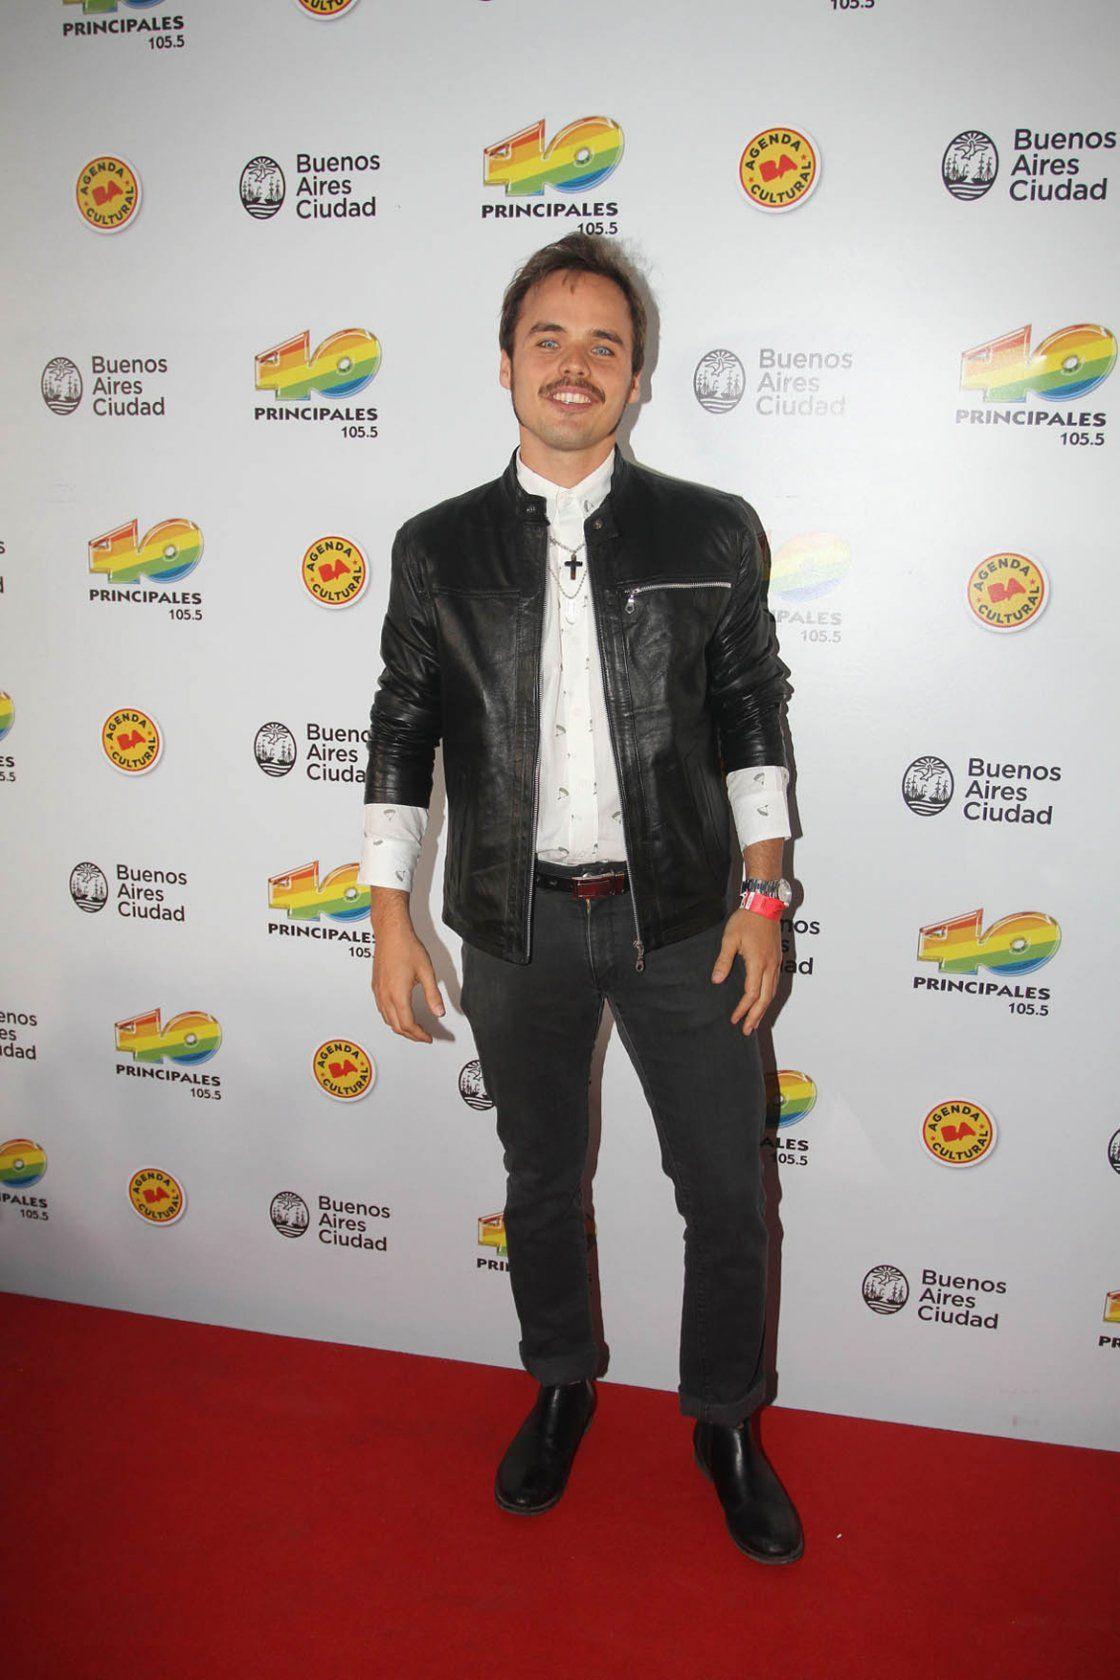 Benjamín Rojas - Premios Los 40 Principales - Buenos Aires 2014